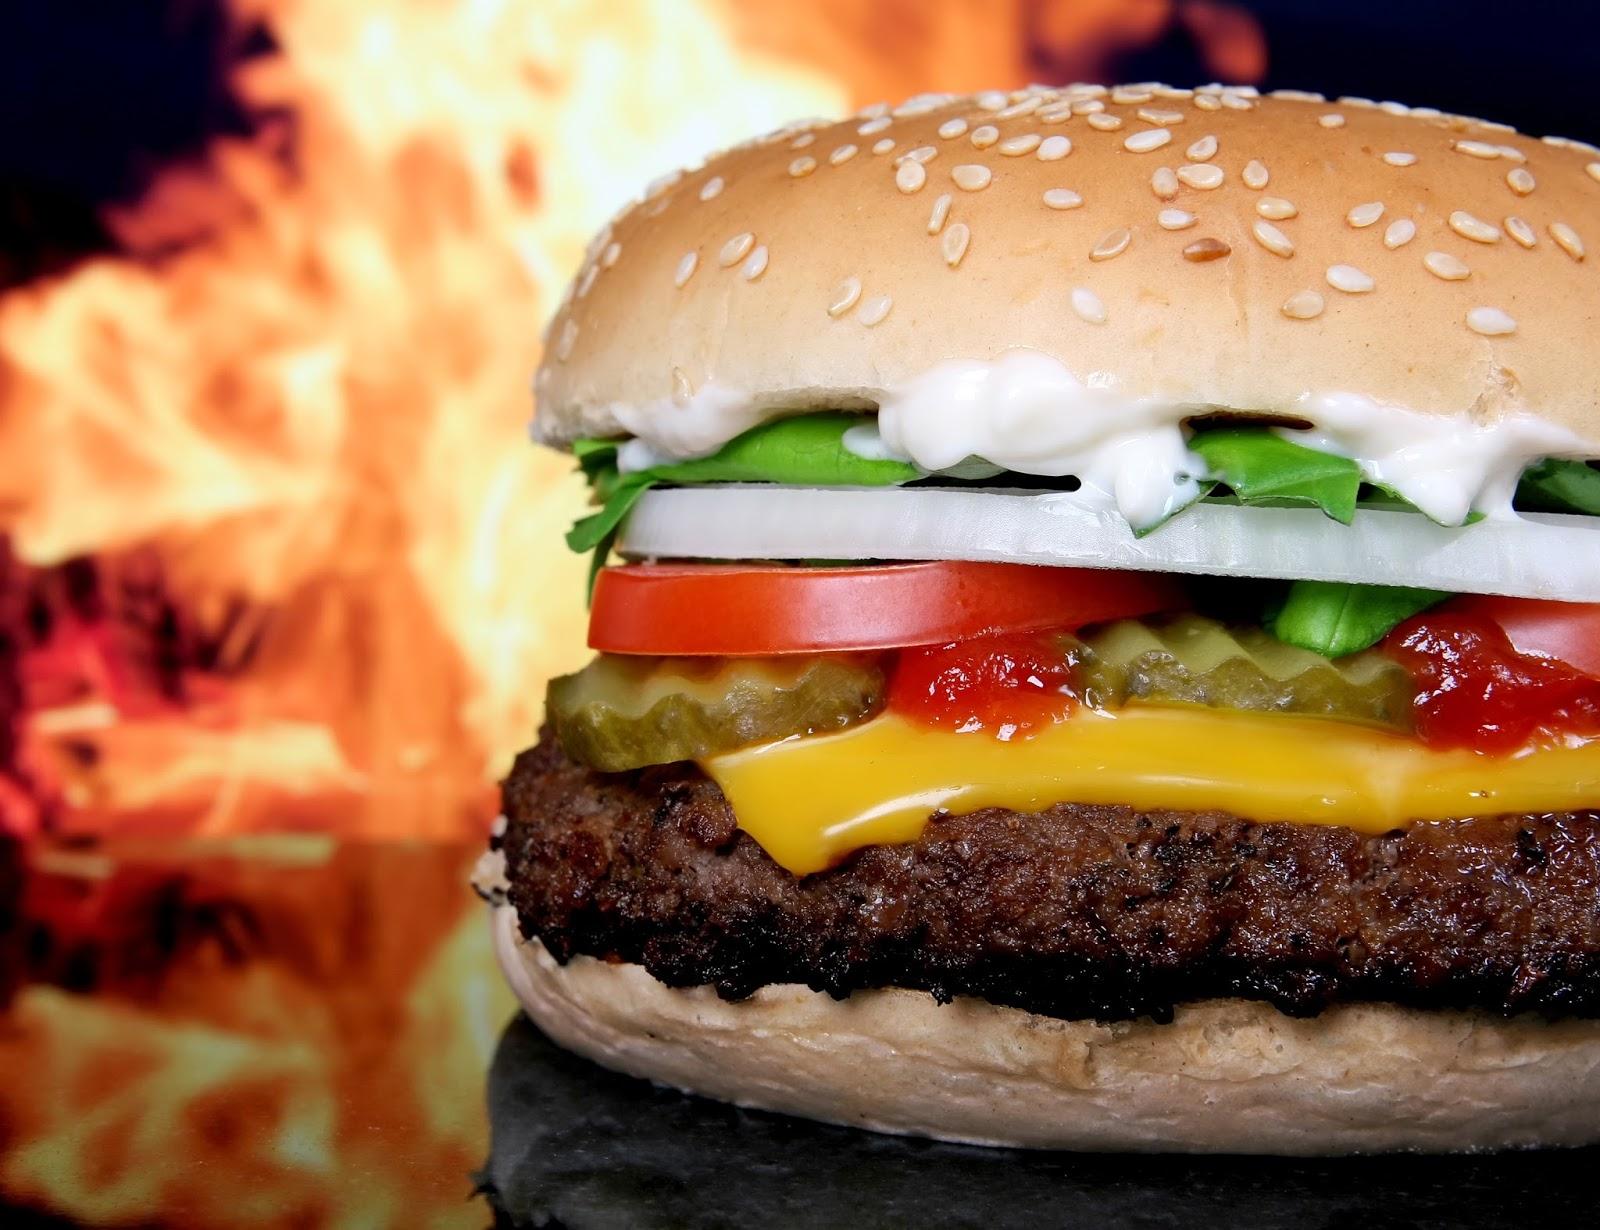 دراسة: الأطعمة الدسمة تعزز الإصابة بالسرطانات القاتلة